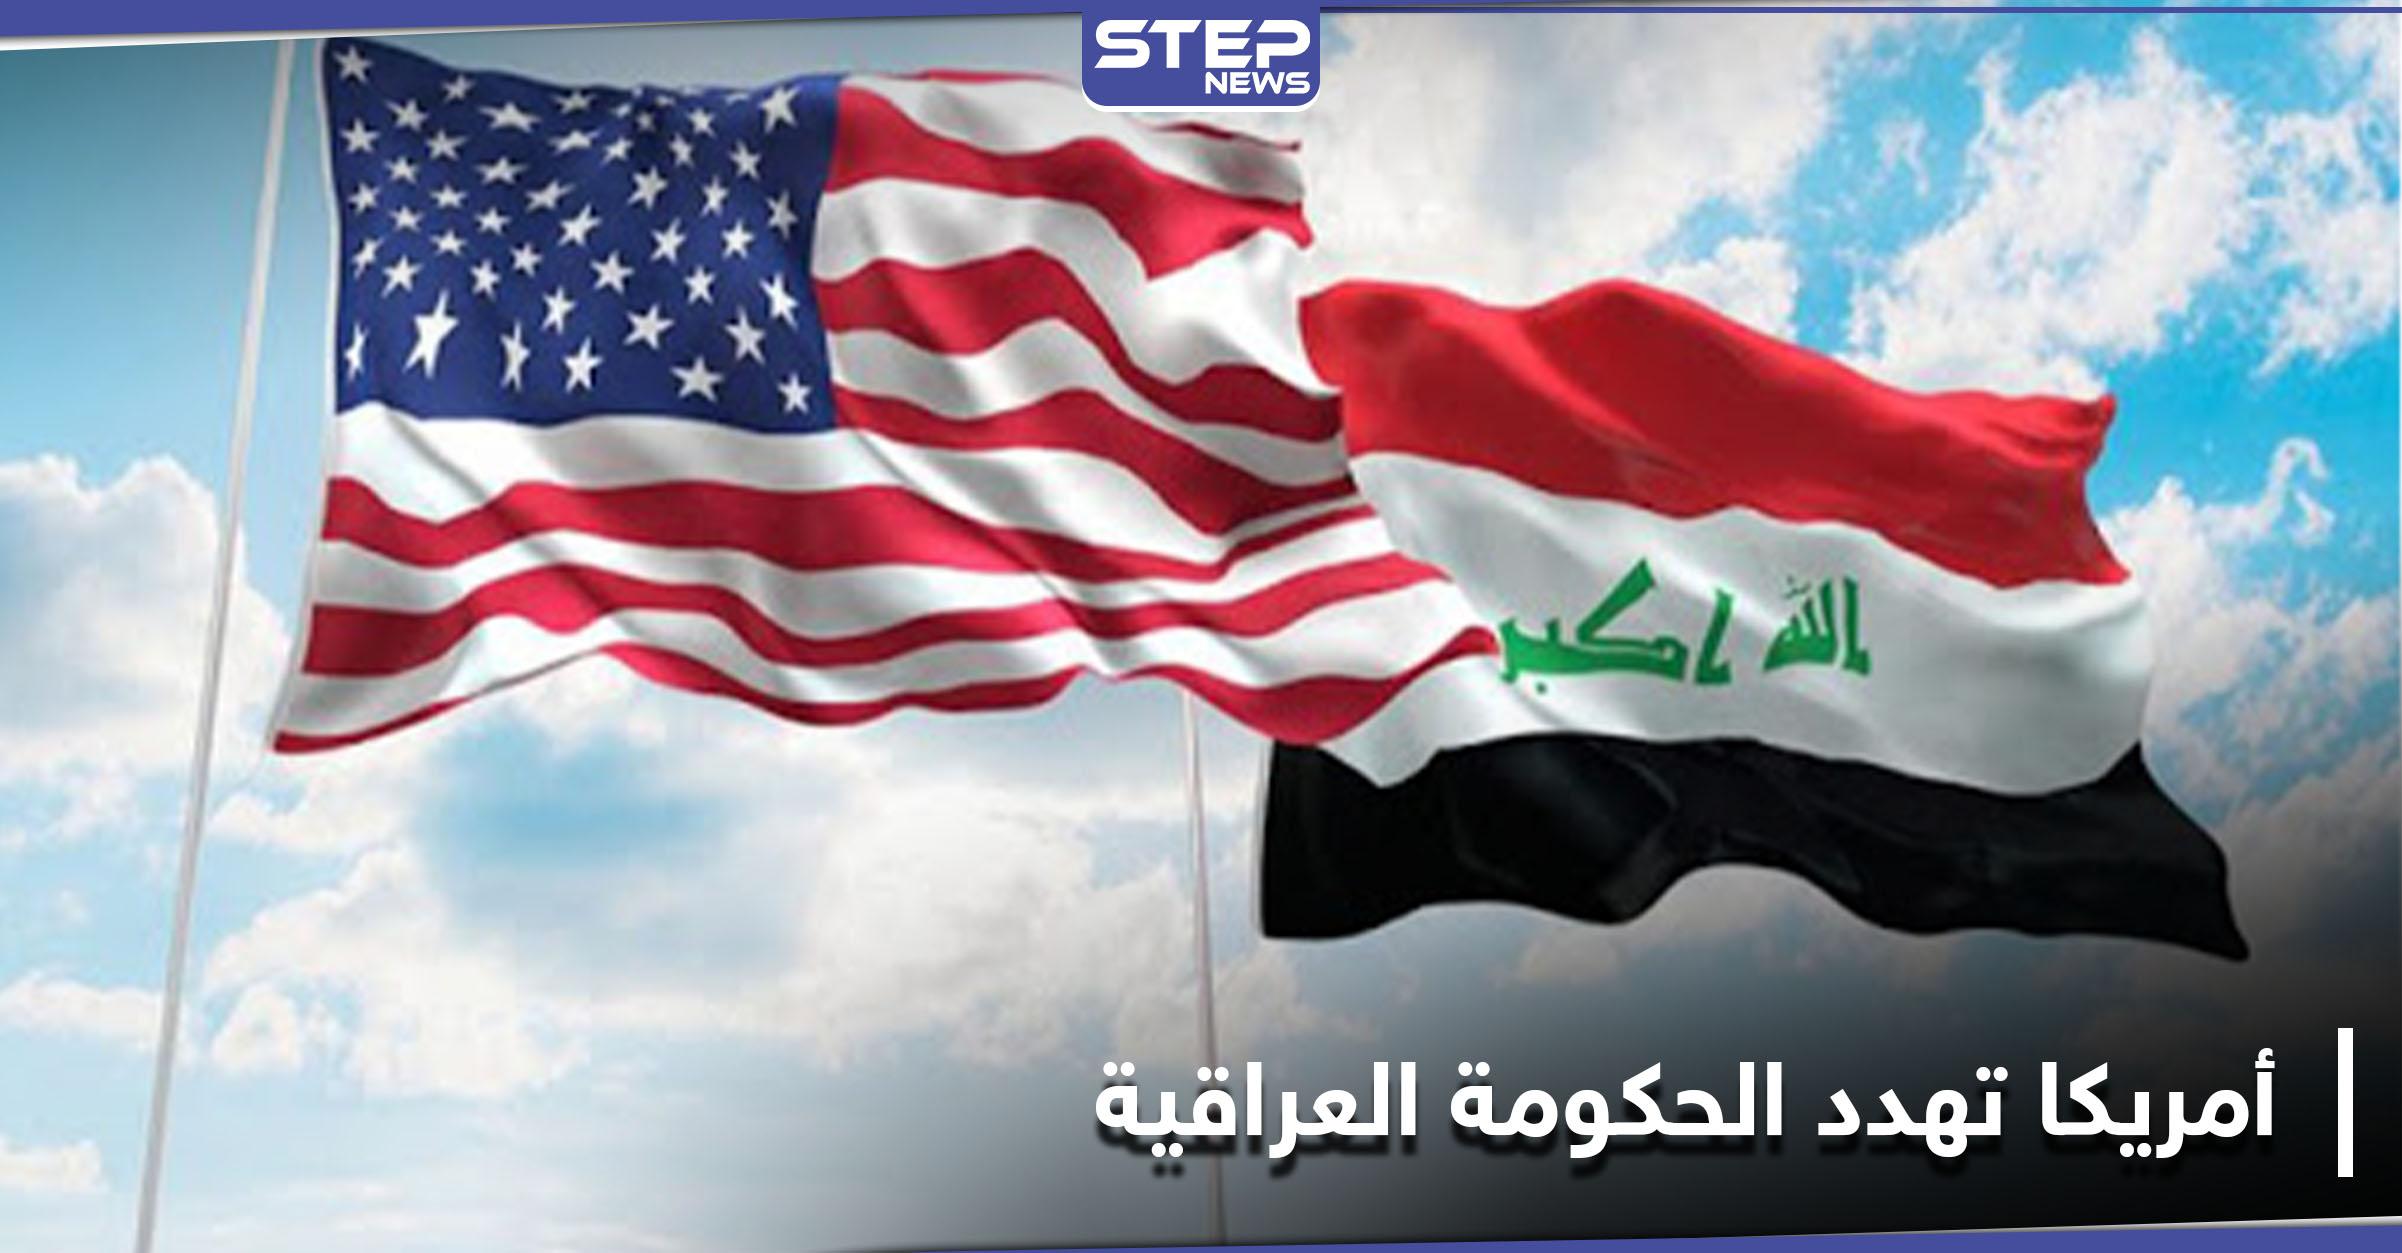 أمريكا تقدّم أدلّة وتهدد حكومة العراق بعقوبات حازمة